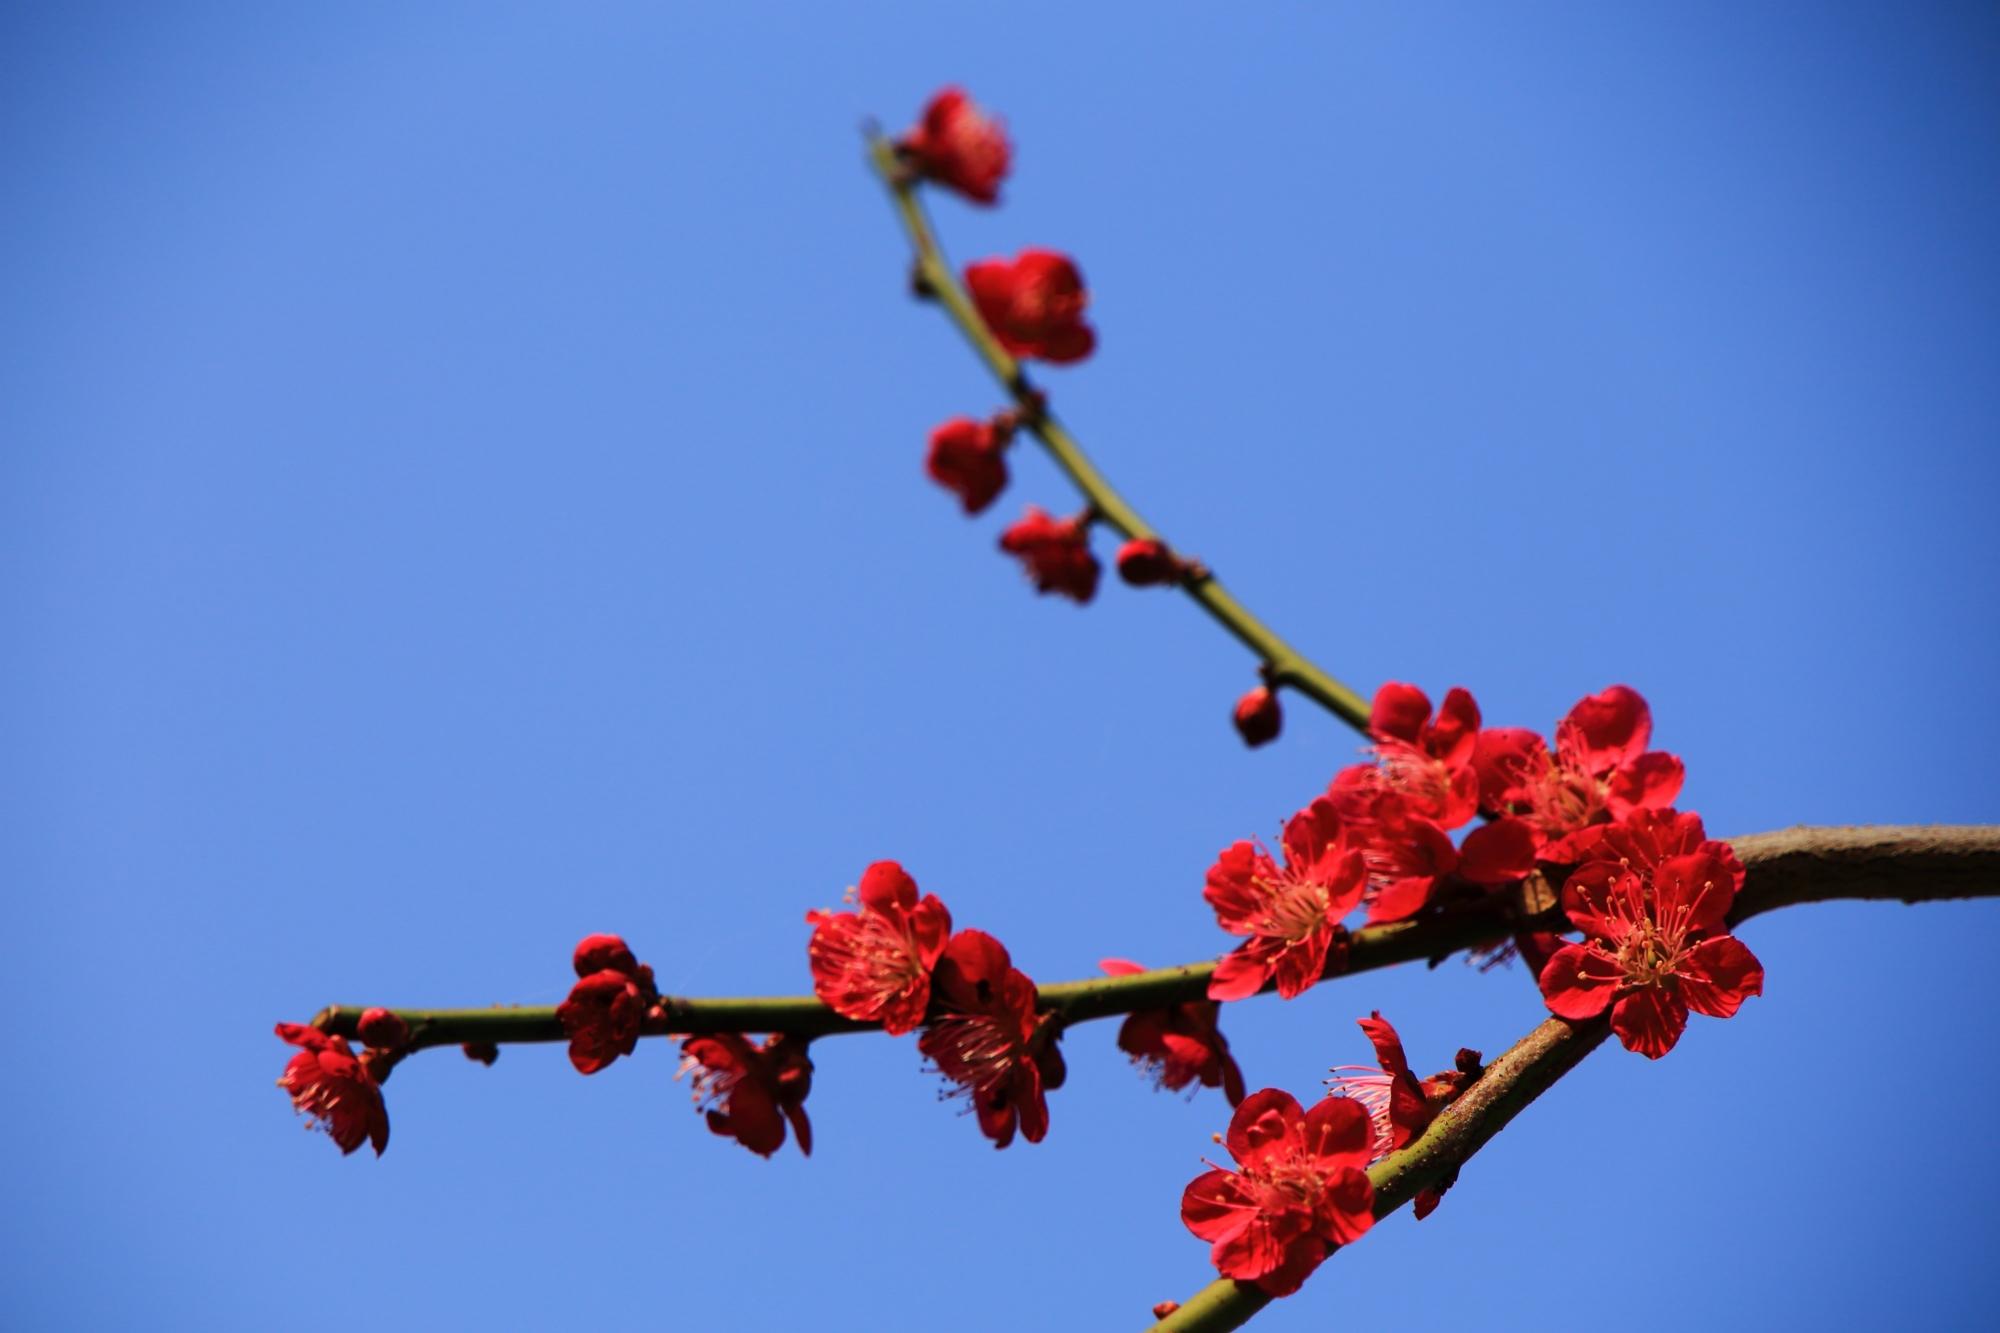 青空を鮮烈にそめる濃いピンクの梅